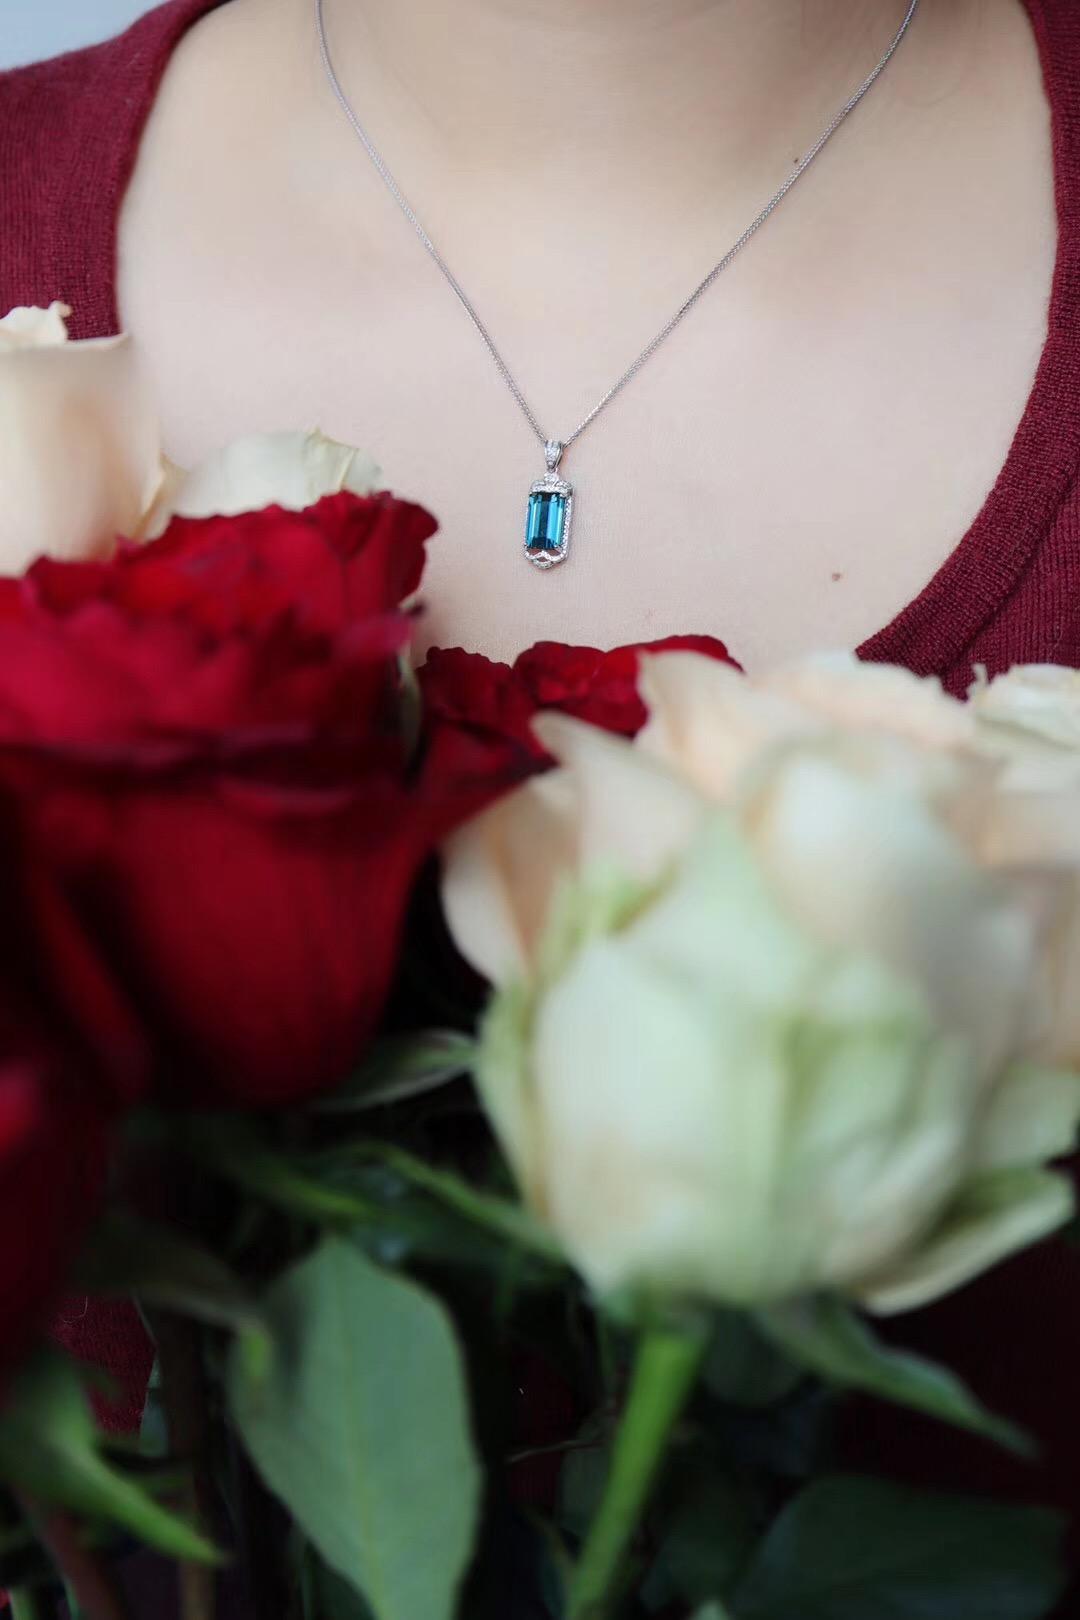 【蓝碧玺】纯净晶体,完美切割,钻石满镶-菩心晶舍